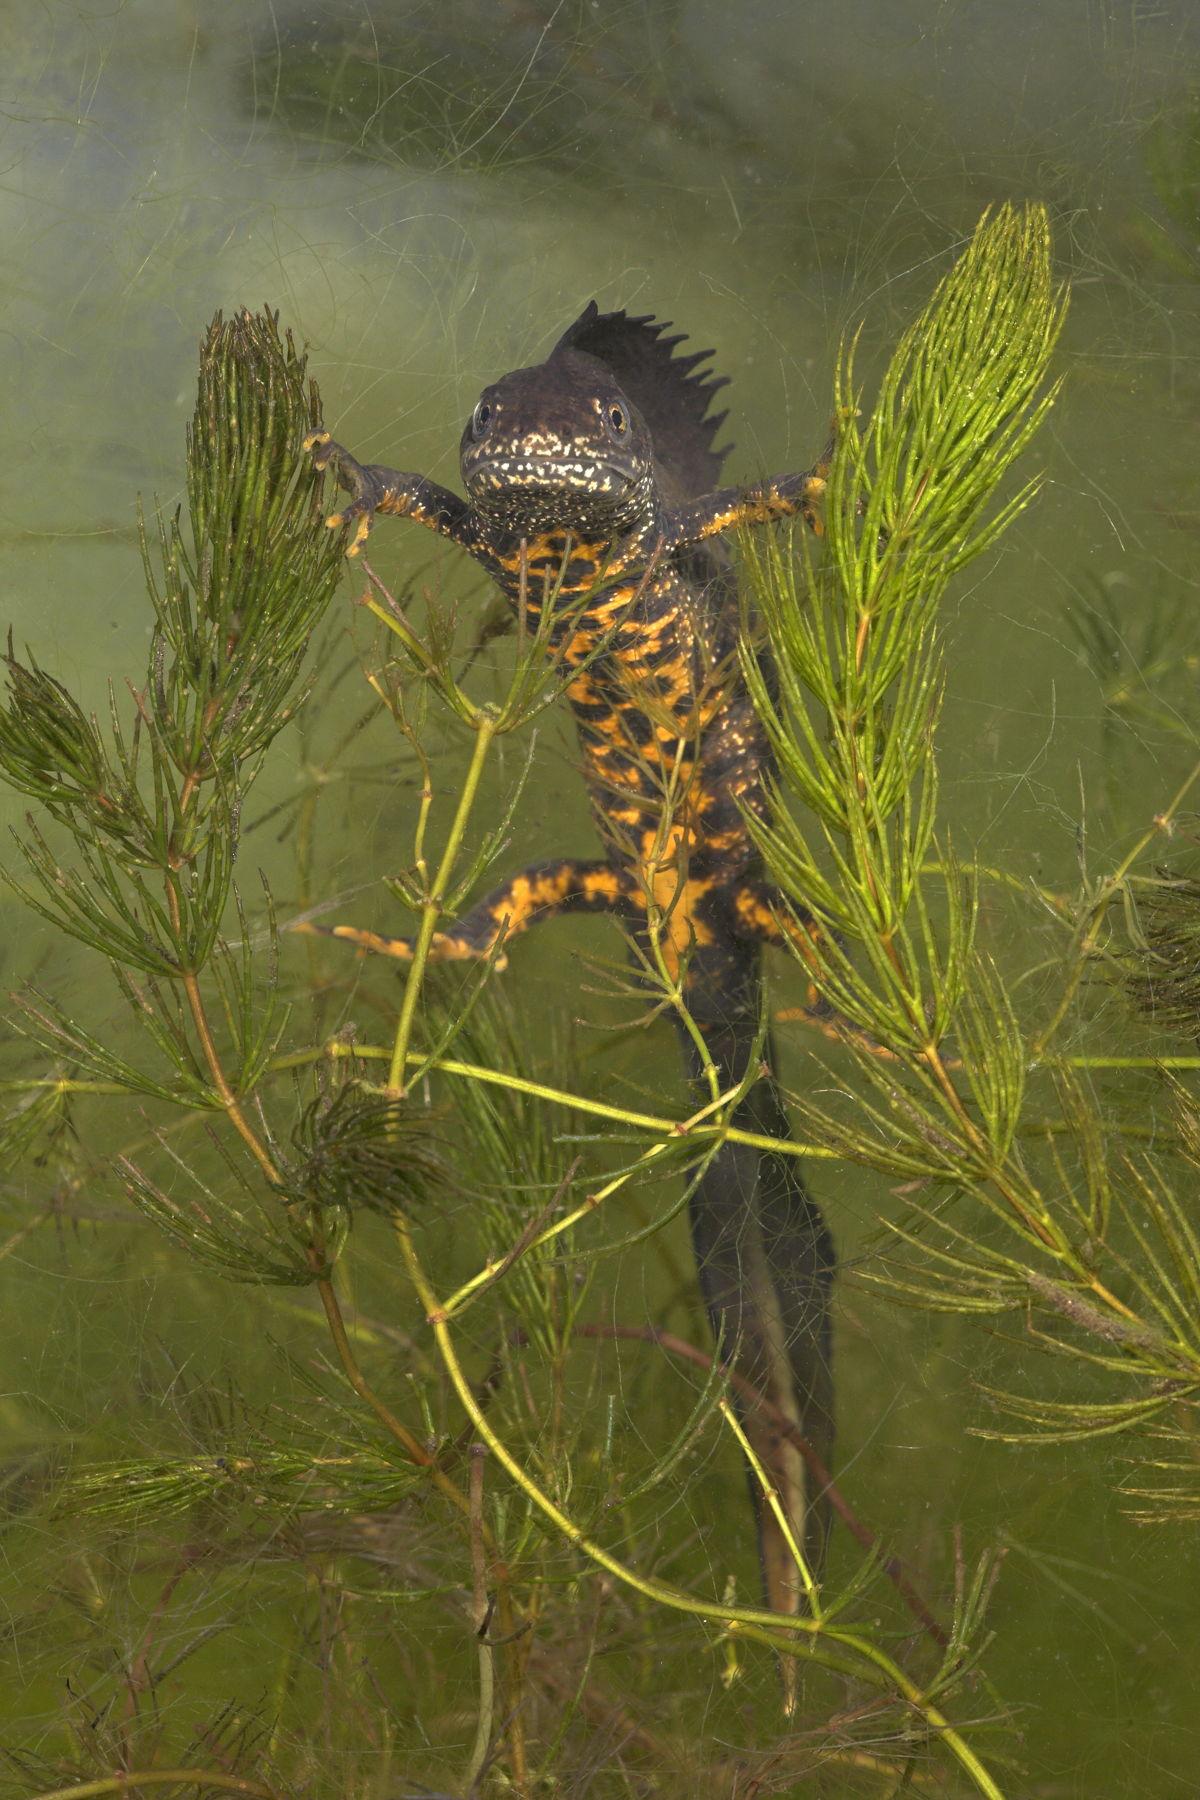 De Grote Getevallei is een leefgebied van de bedreigde kamsalamander